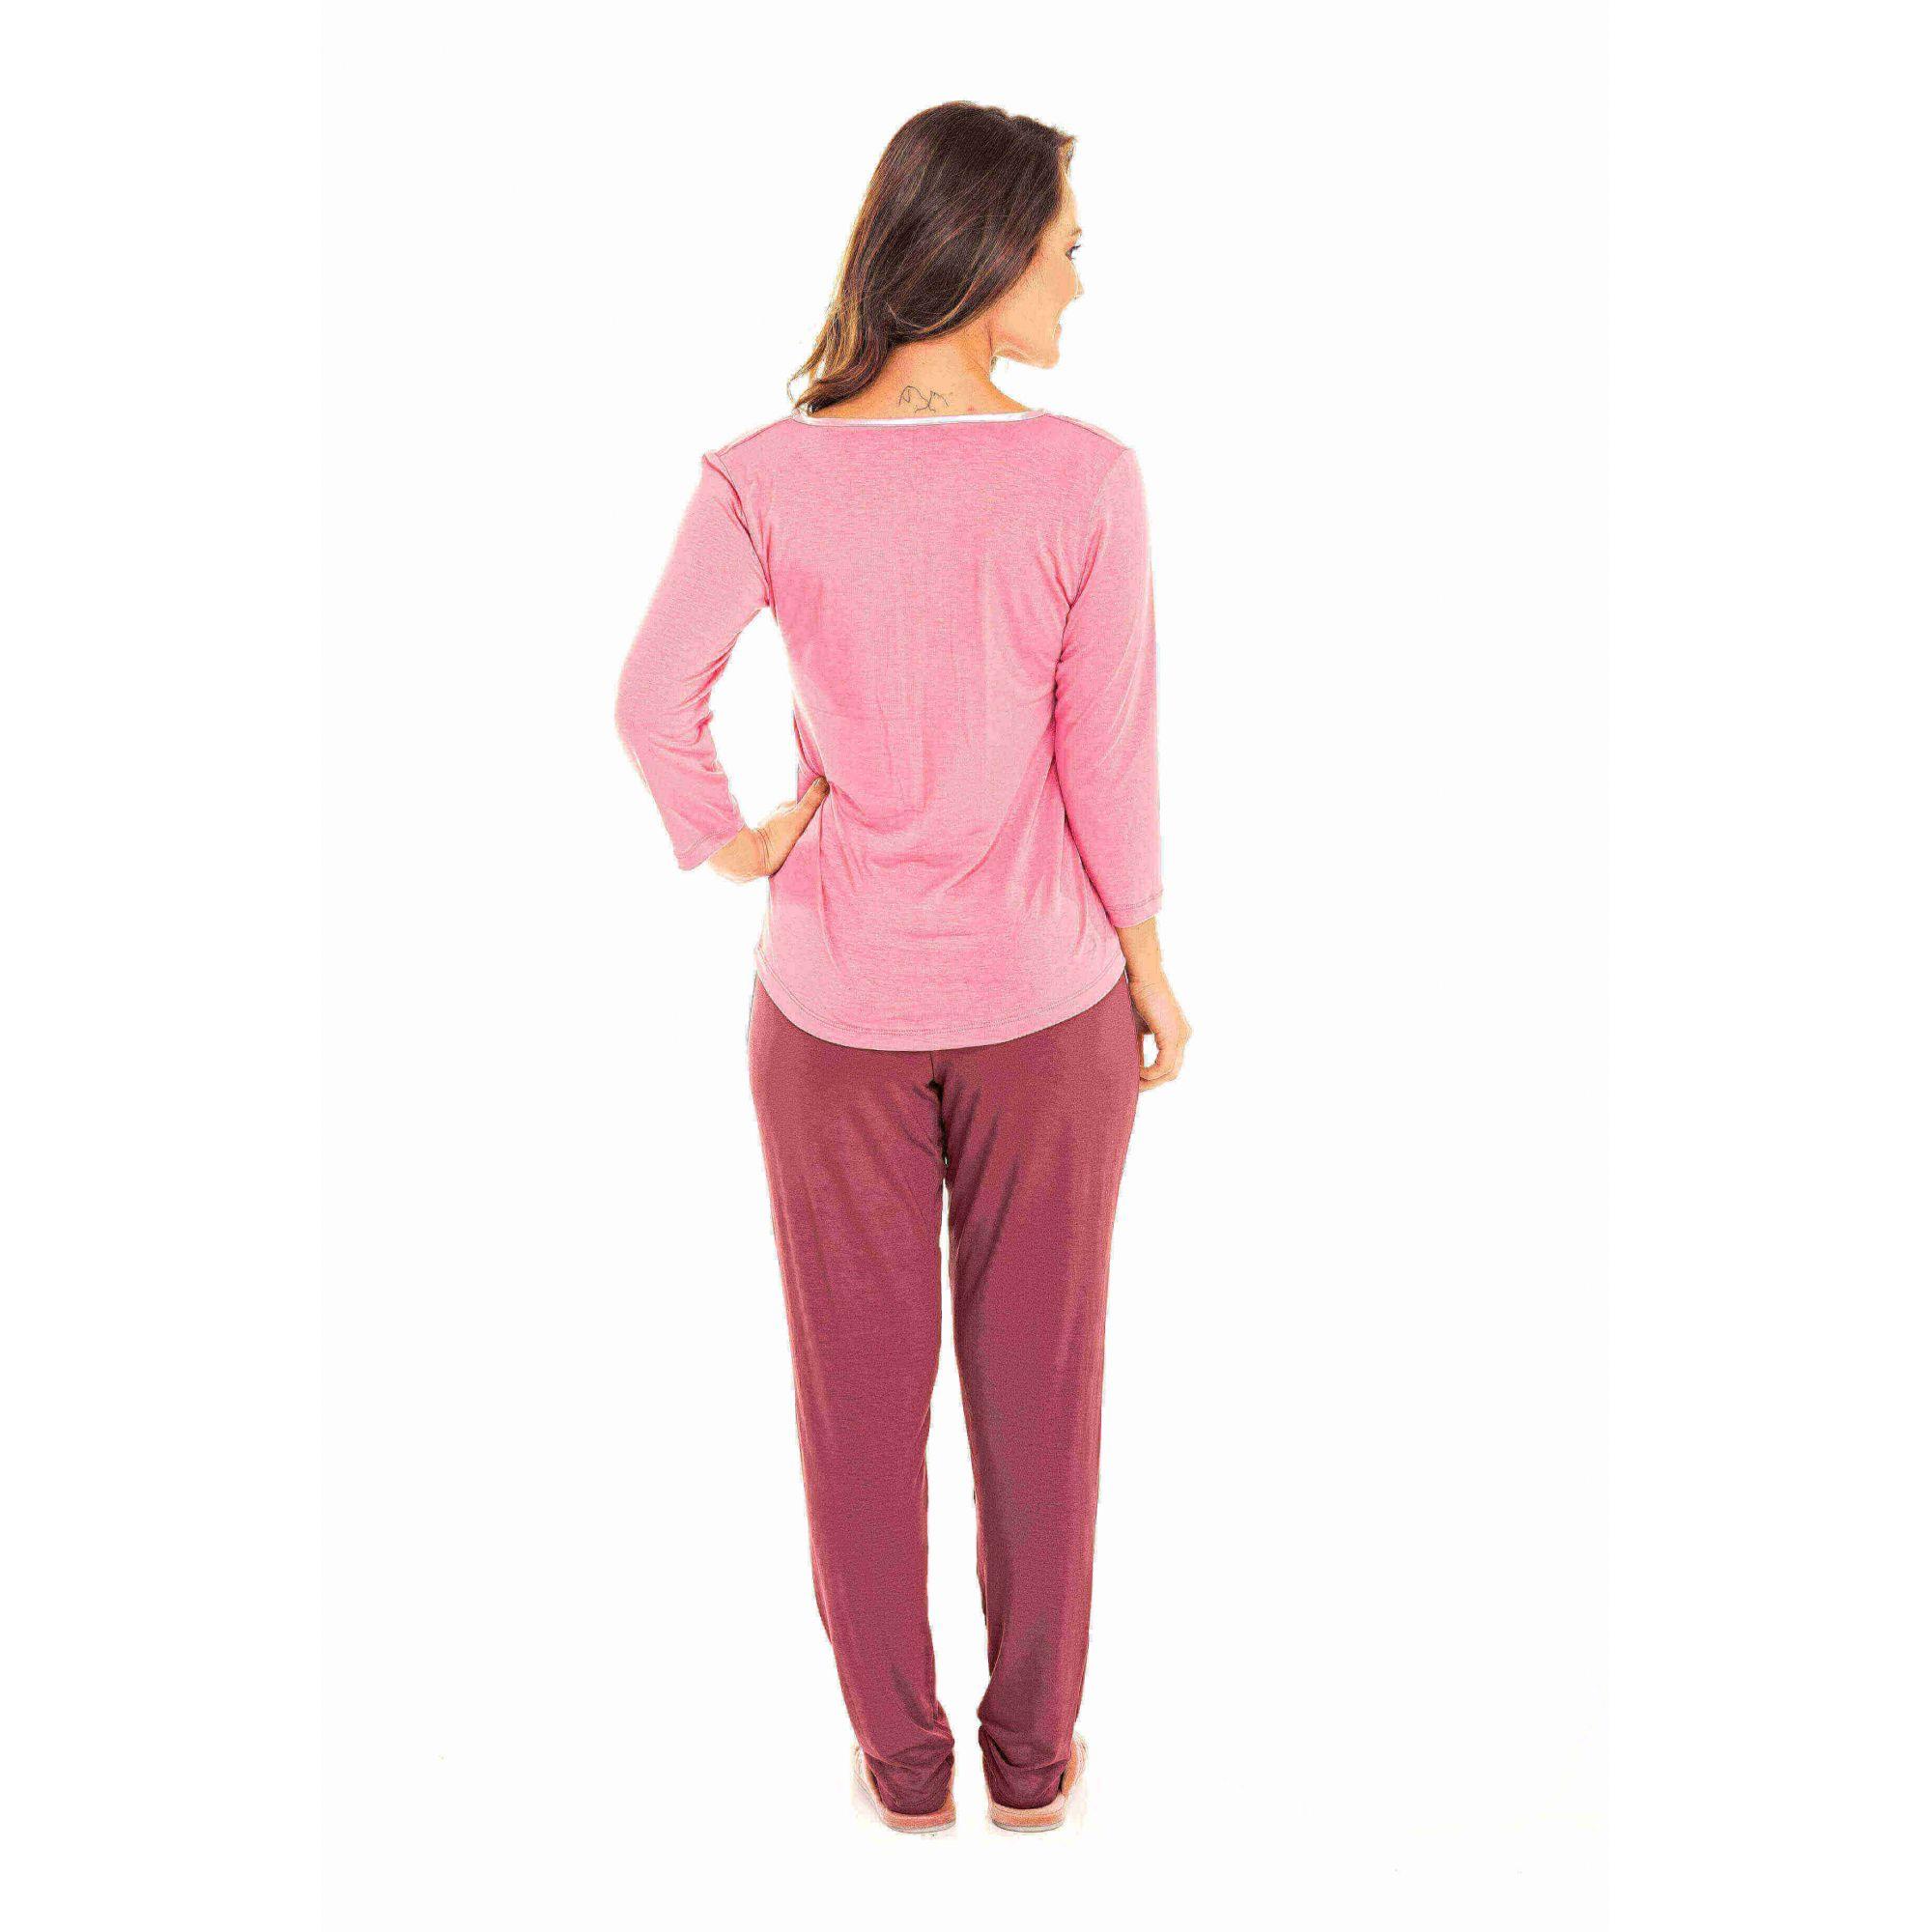 089/B - Pijama Adulto Feminino Glamour